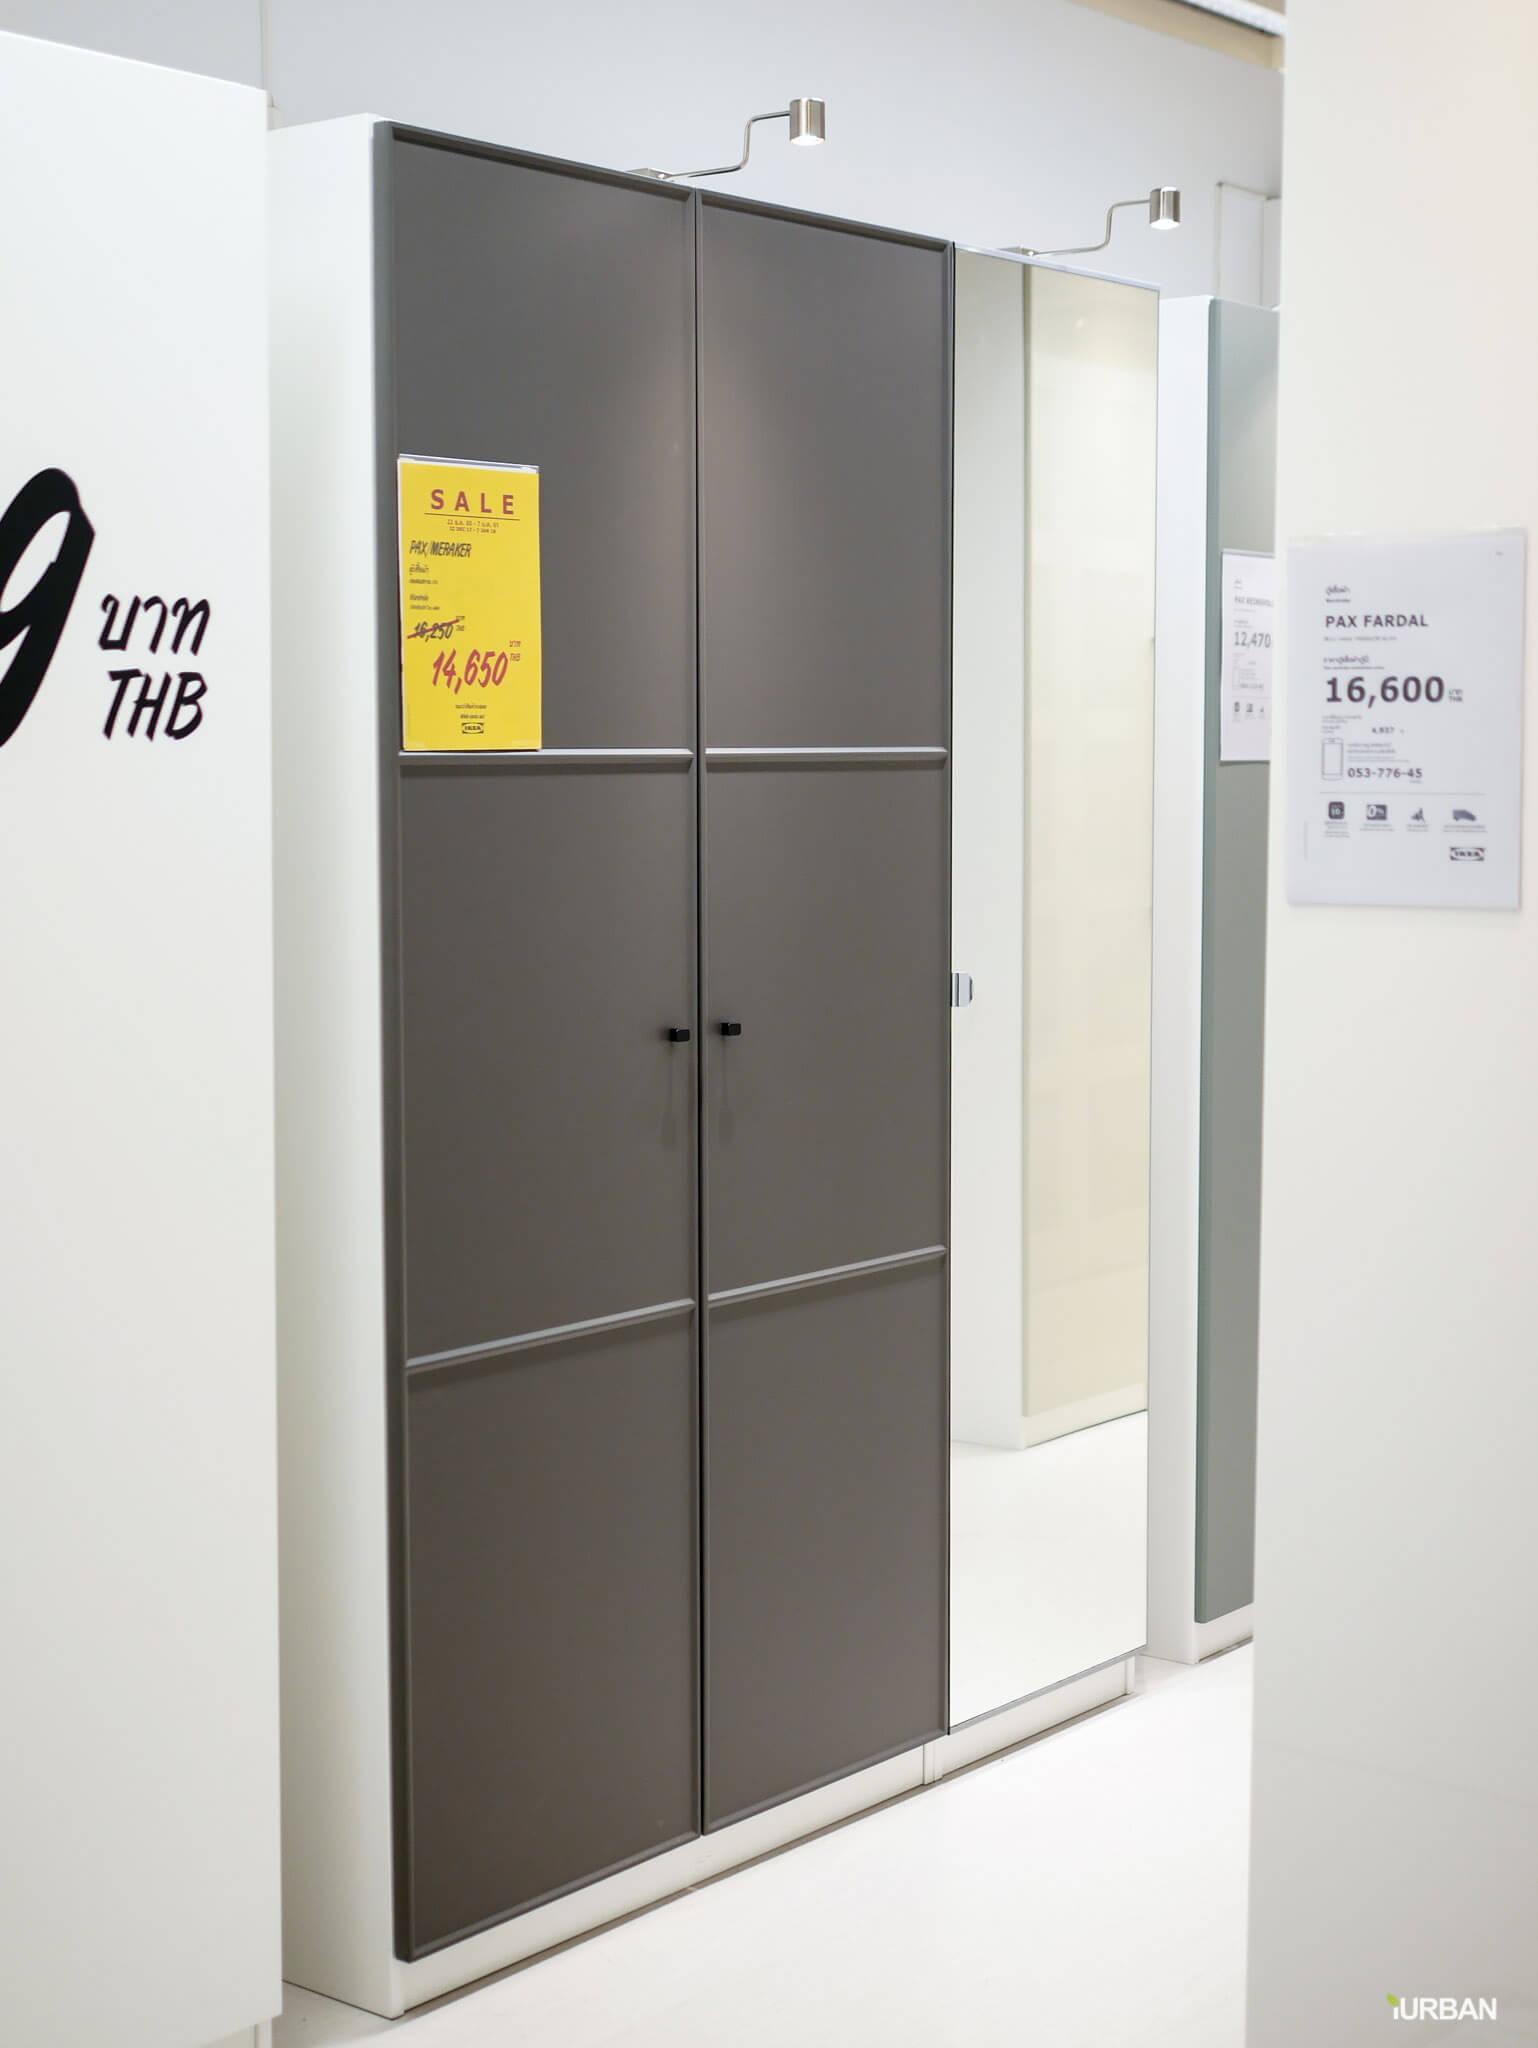 มันเยอะมากกกก!! IKEA Year End SALE 2017 รวมของเซลในอิเกีย ลดเยอะ ลดแหลก รีบพุ่งตัวไป วันนี้ - 7 มกราคม 61 79 - IKEA (อิเกีย)